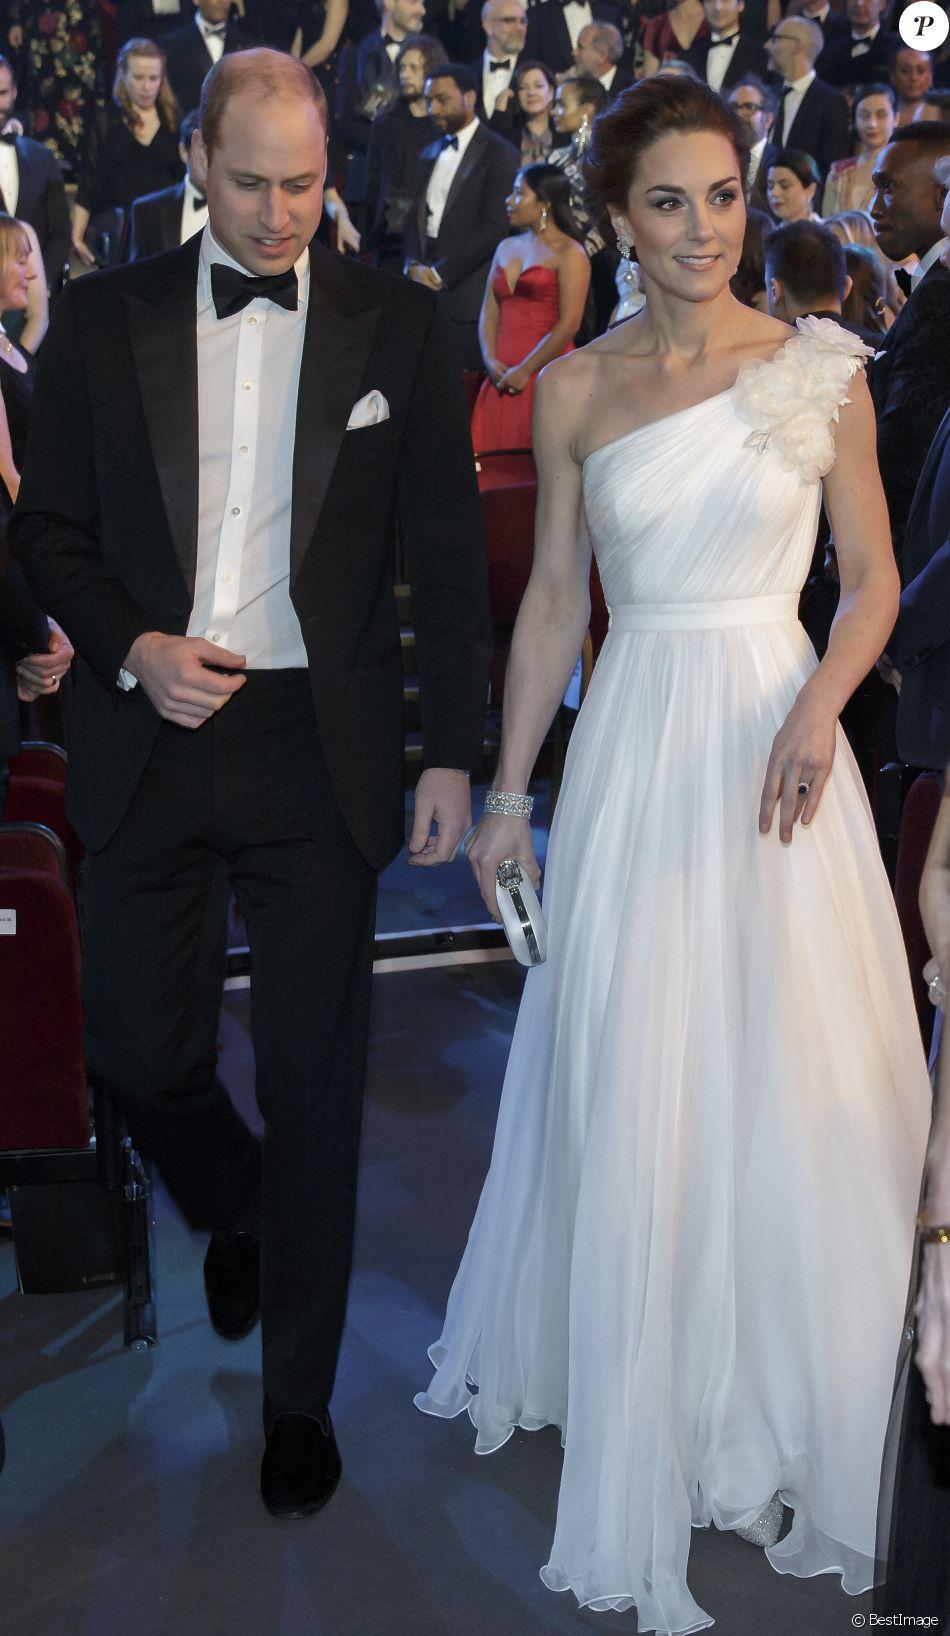 Le prince William et Catherine Kate Middleton, la duchesse de Cambridge lors de la 72ème cérémonie annuelle des BAFTA Awards au Royal Albert Hall à Londres, le 10 février 2019.